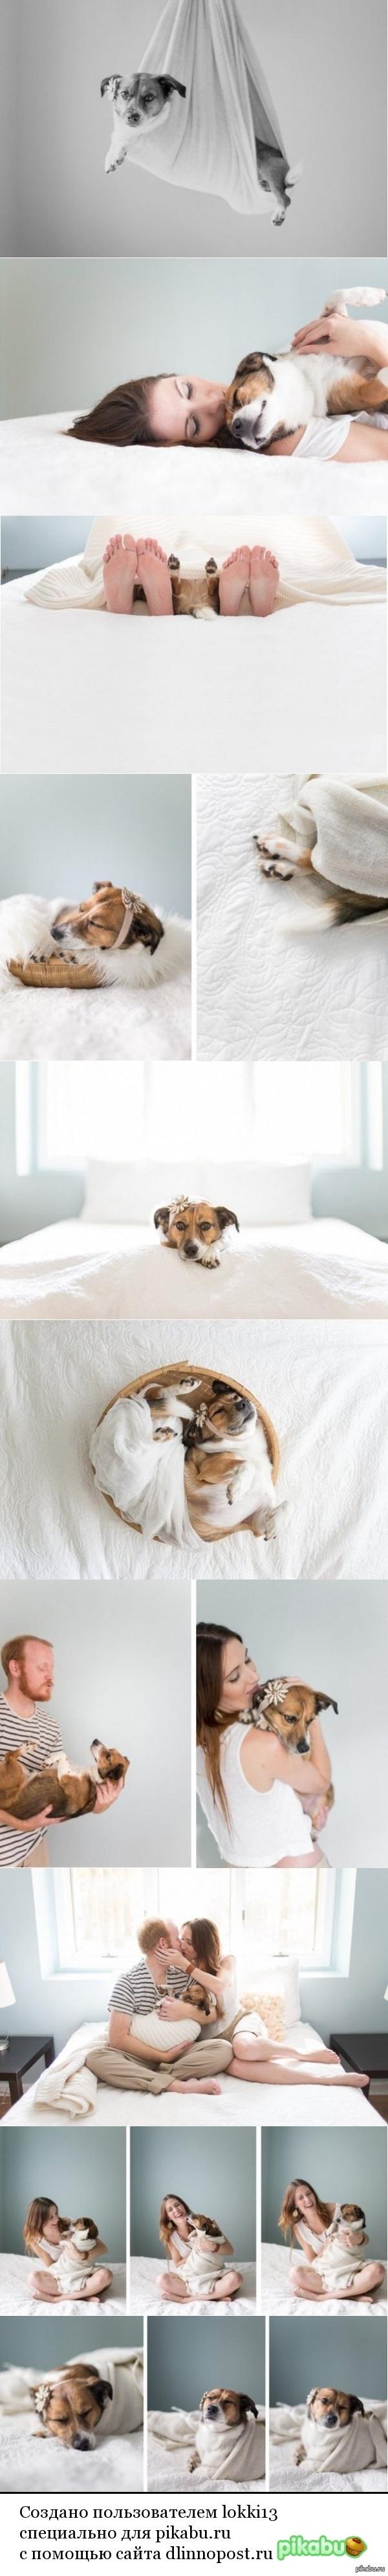 Интересная фотосессия Фотограф Джейми Клаус сняла серию юмористических и милых фотографий своих друзей Яна и Чейз Ренегар с их собакой в стиле, традиционном для съемки новорожденных